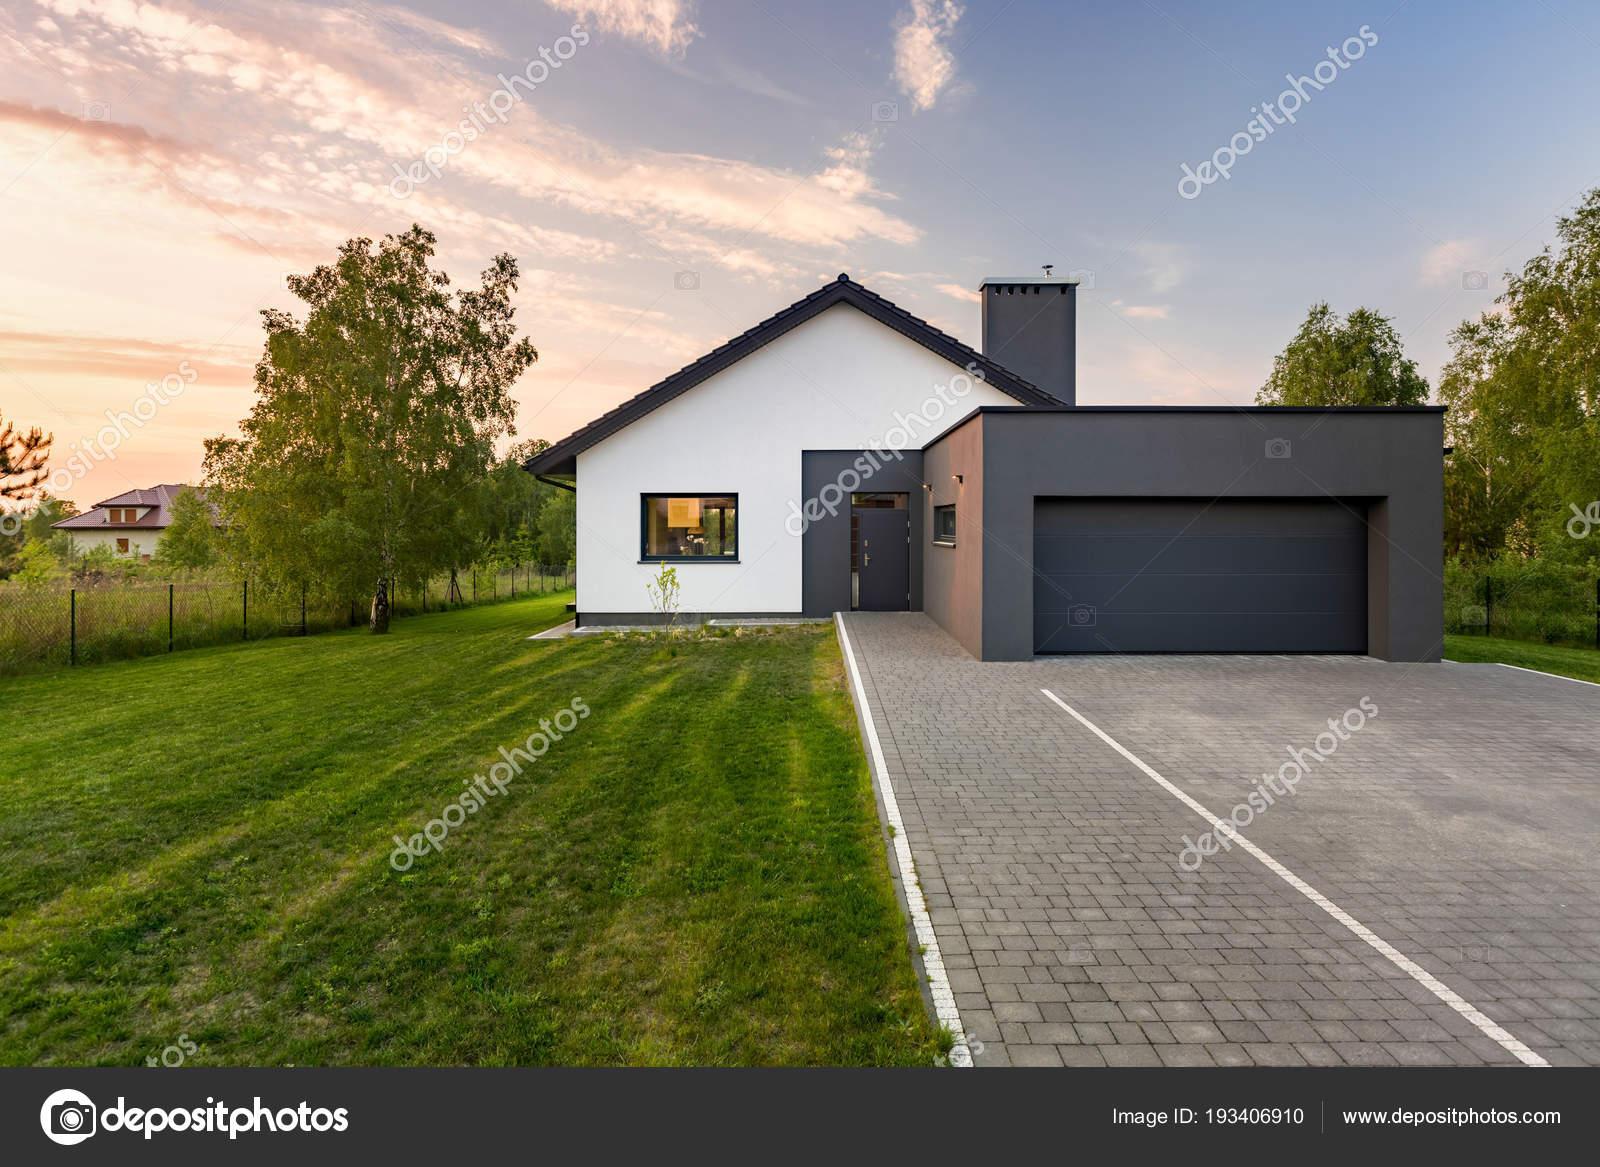 Haus mit Garten und garage — Stockfoto © in4mal #193406910